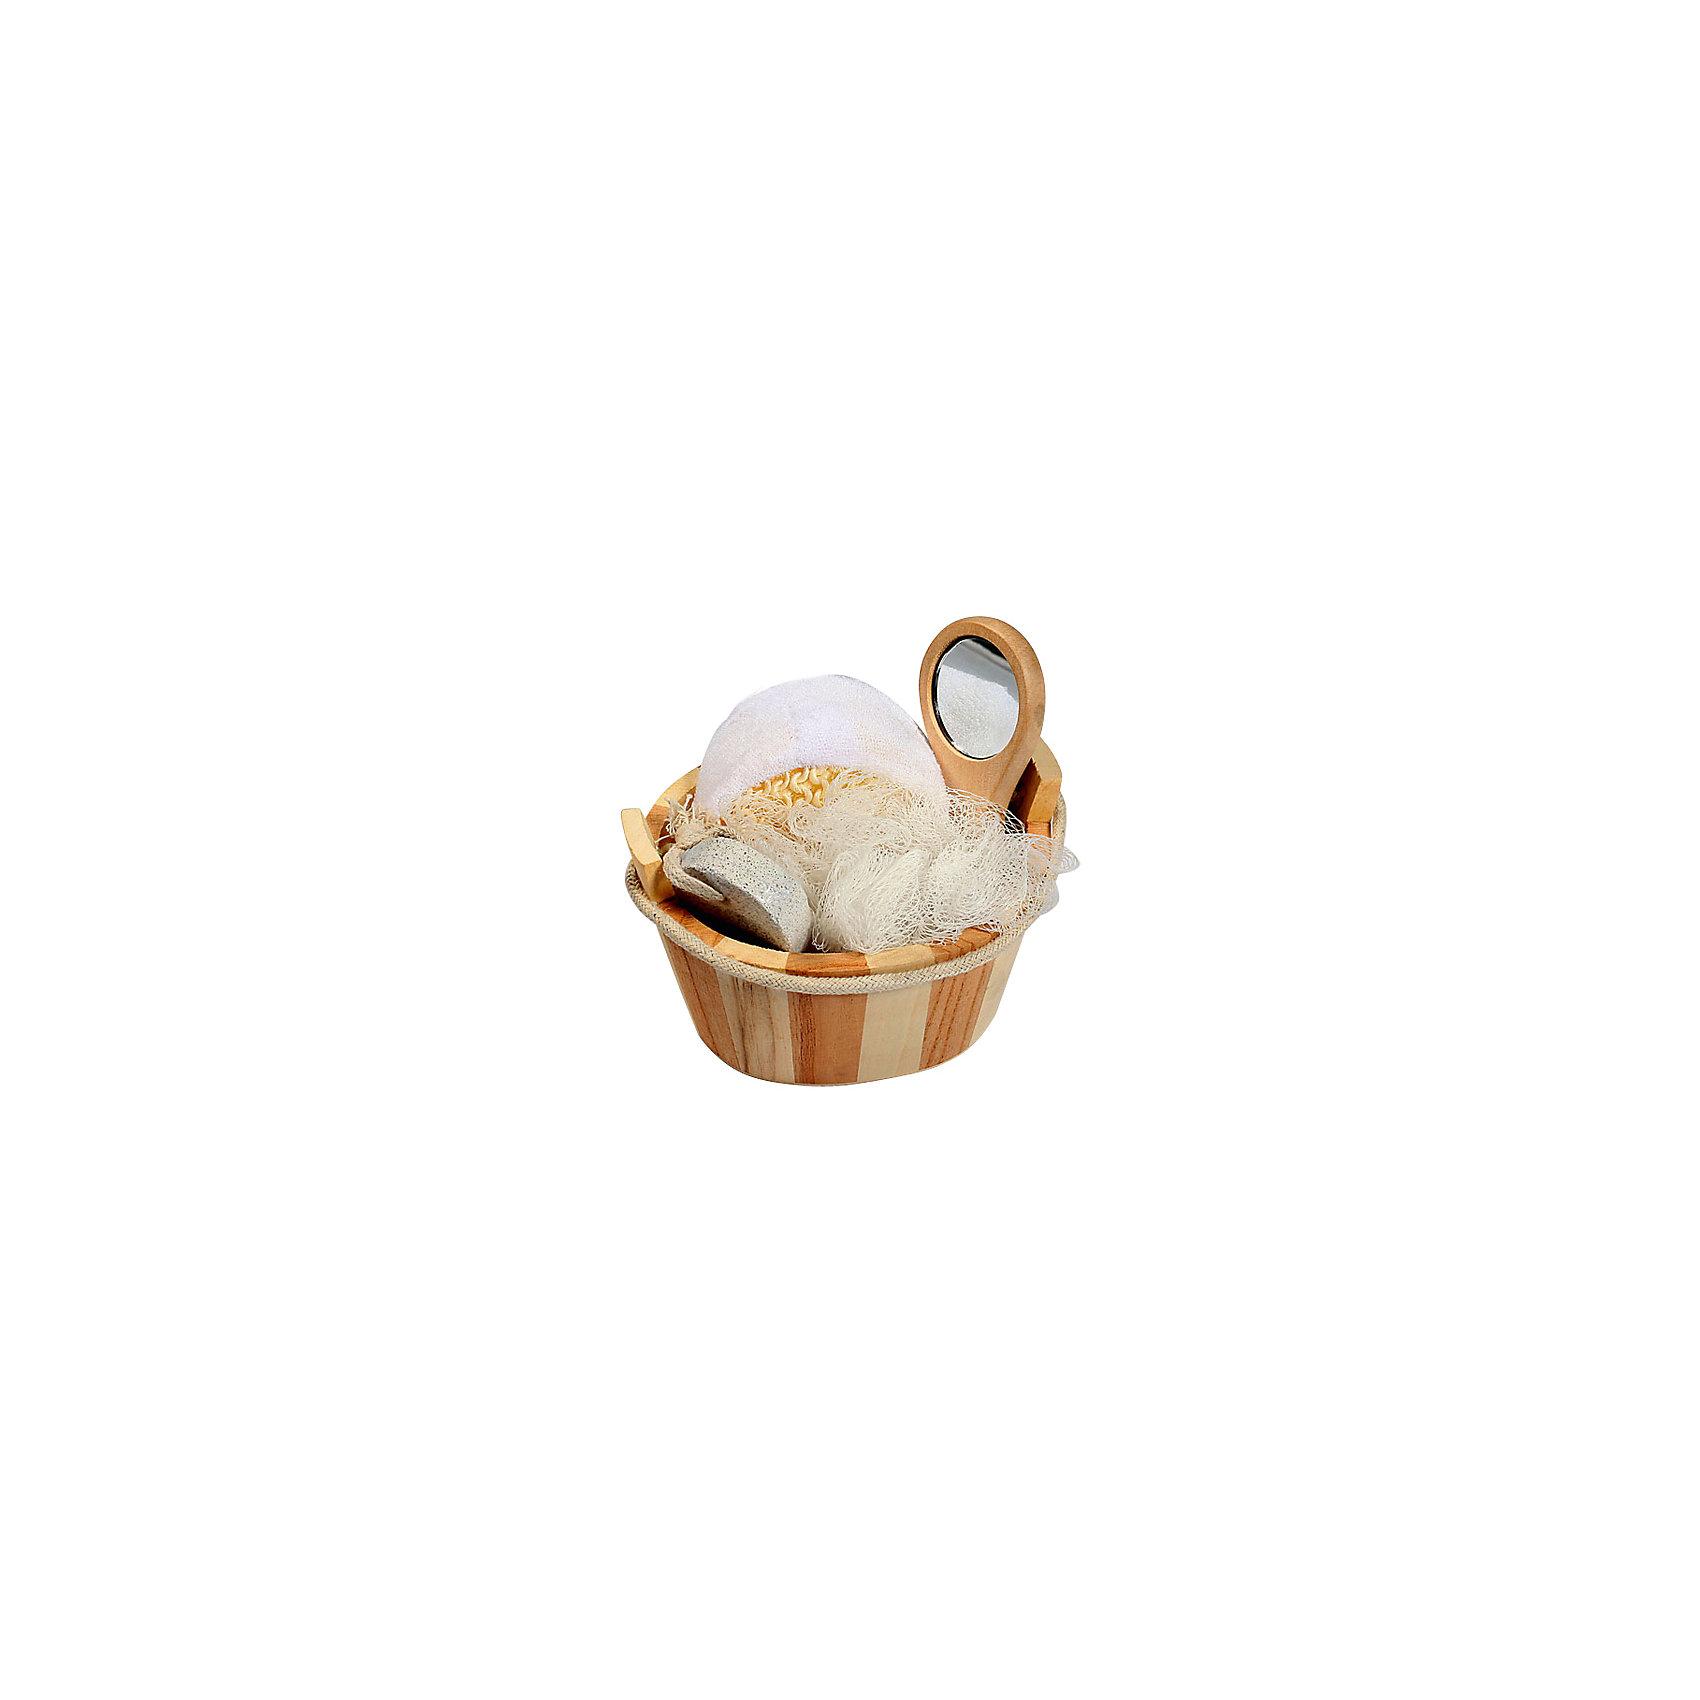 Набор для ванной и бани ЗеркалоПолотенца, мочалки, халаты<br>Характеристики набора для ванной и бани Зеркало:<br><br>• тип: банный комплект<br>• комплектация комплекта: лохань из древесины тополя (12,5х9х8,5 см) мочалка д/купания из сизаля, пемза д/ухода за кожей, мочалка д/купания из полиэтилена, зеркало на ручке из древесины павловнии (12.5*9*8.5 см.)<br>• состав: дерево 100%<br>• цвет: белый, бежевый<br>• сезон: круглогодичный<br>• страна бренда: Россия<br>• страна производитель: Китай<br><br>Набор для ванной и бани Зеркало в лохани из древесины тополя (мочалка для купания из сизаля, пемза для ухода за кожей, мочалка для купания из полиэтилена, зеркало на ручке из древесины павловнии). Набор станет прекрасным дополнением Вашей ванной комнаты.<br><br>Набор для ванной и бани Зеркало можно купить в нашем интернет-магазине.<br><br>Ширина мм: 90<br>Глубина мм: 90<br>Высота мм: 130<br>Вес г: 198<br>Возраст от месяцев: 36<br>Возраст до месяцев: 2147483647<br>Пол: Унисекс<br>Возраст: Детский<br>SKU: 5479412